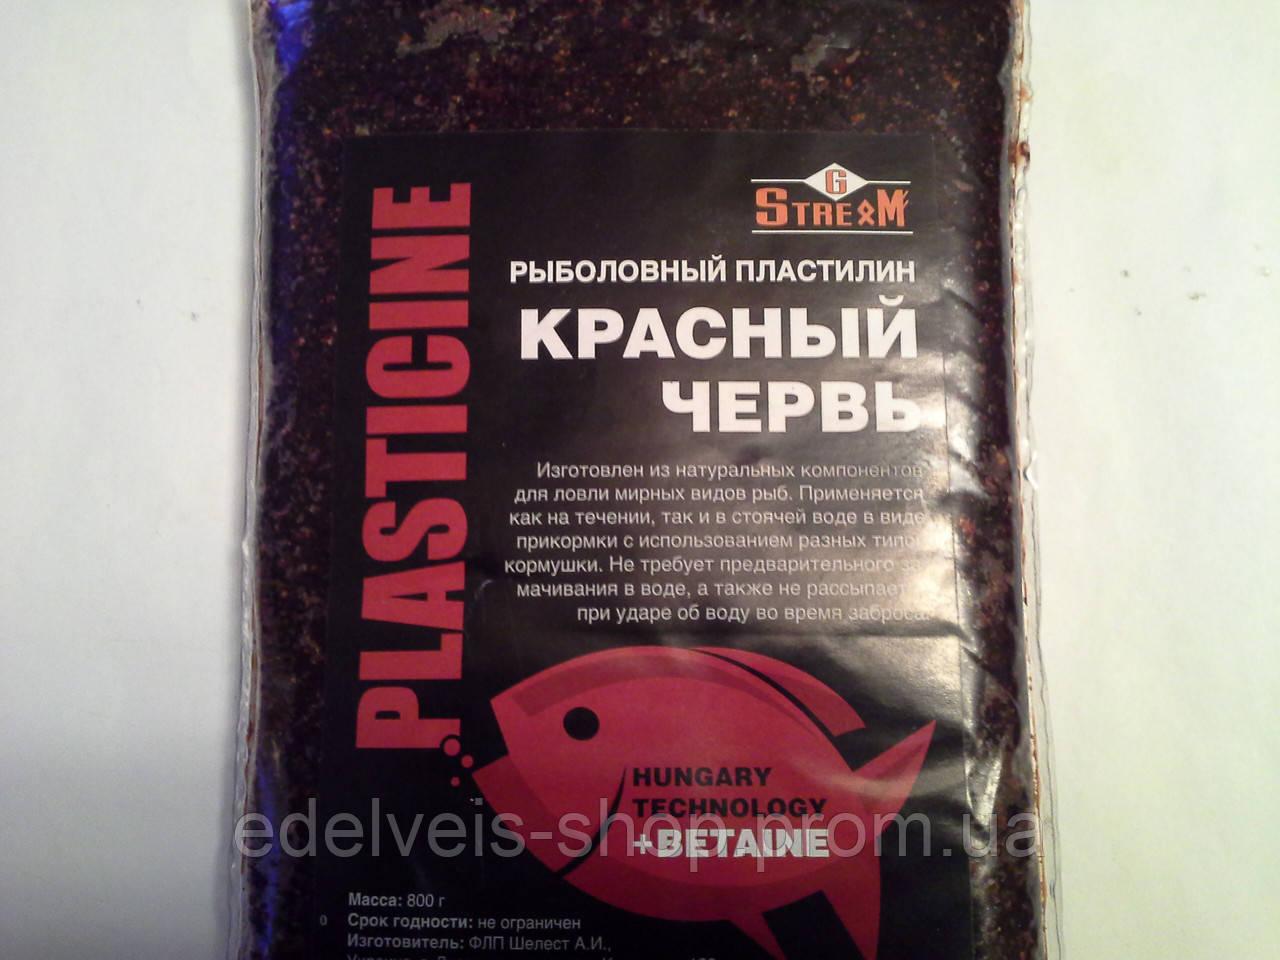 Пластилін рибальський G. STREAM Червоний черв'як з бетаїн